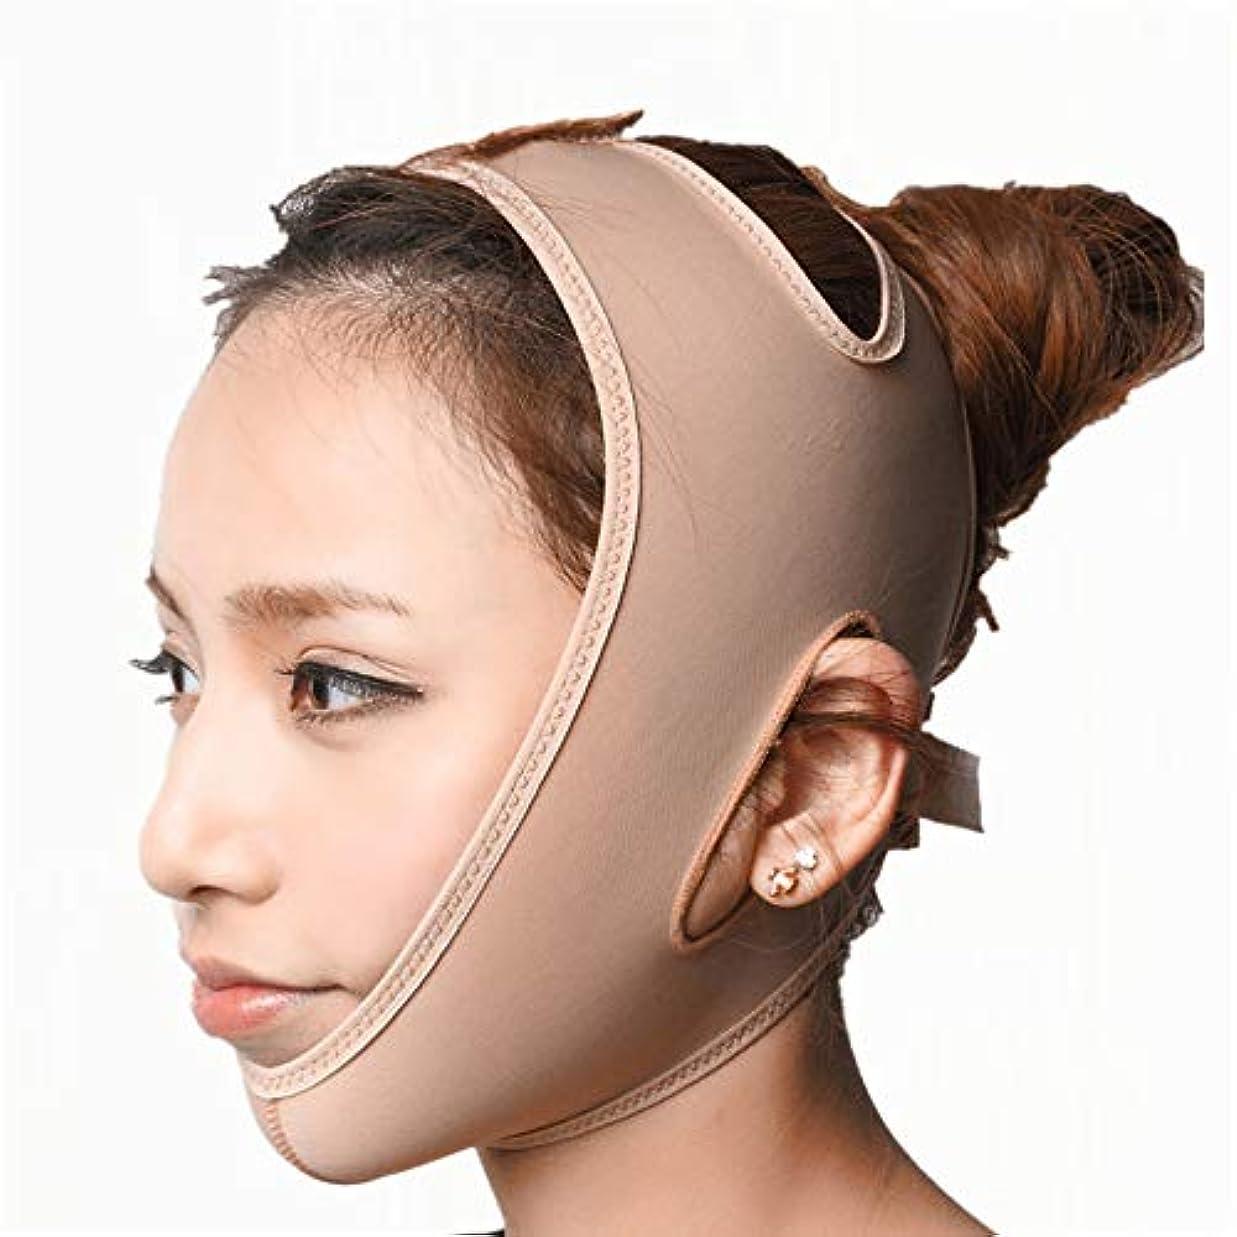 受信もちろん凝視Jia Jia- 顔の持ち上がる痩身ベルト - アンチエイジングリンクルフェイスマスクベルトシンフェイス包帯整形マスクは顔と首を締めますフェイススリム 顔面包帯 (サイズ さいず : M)